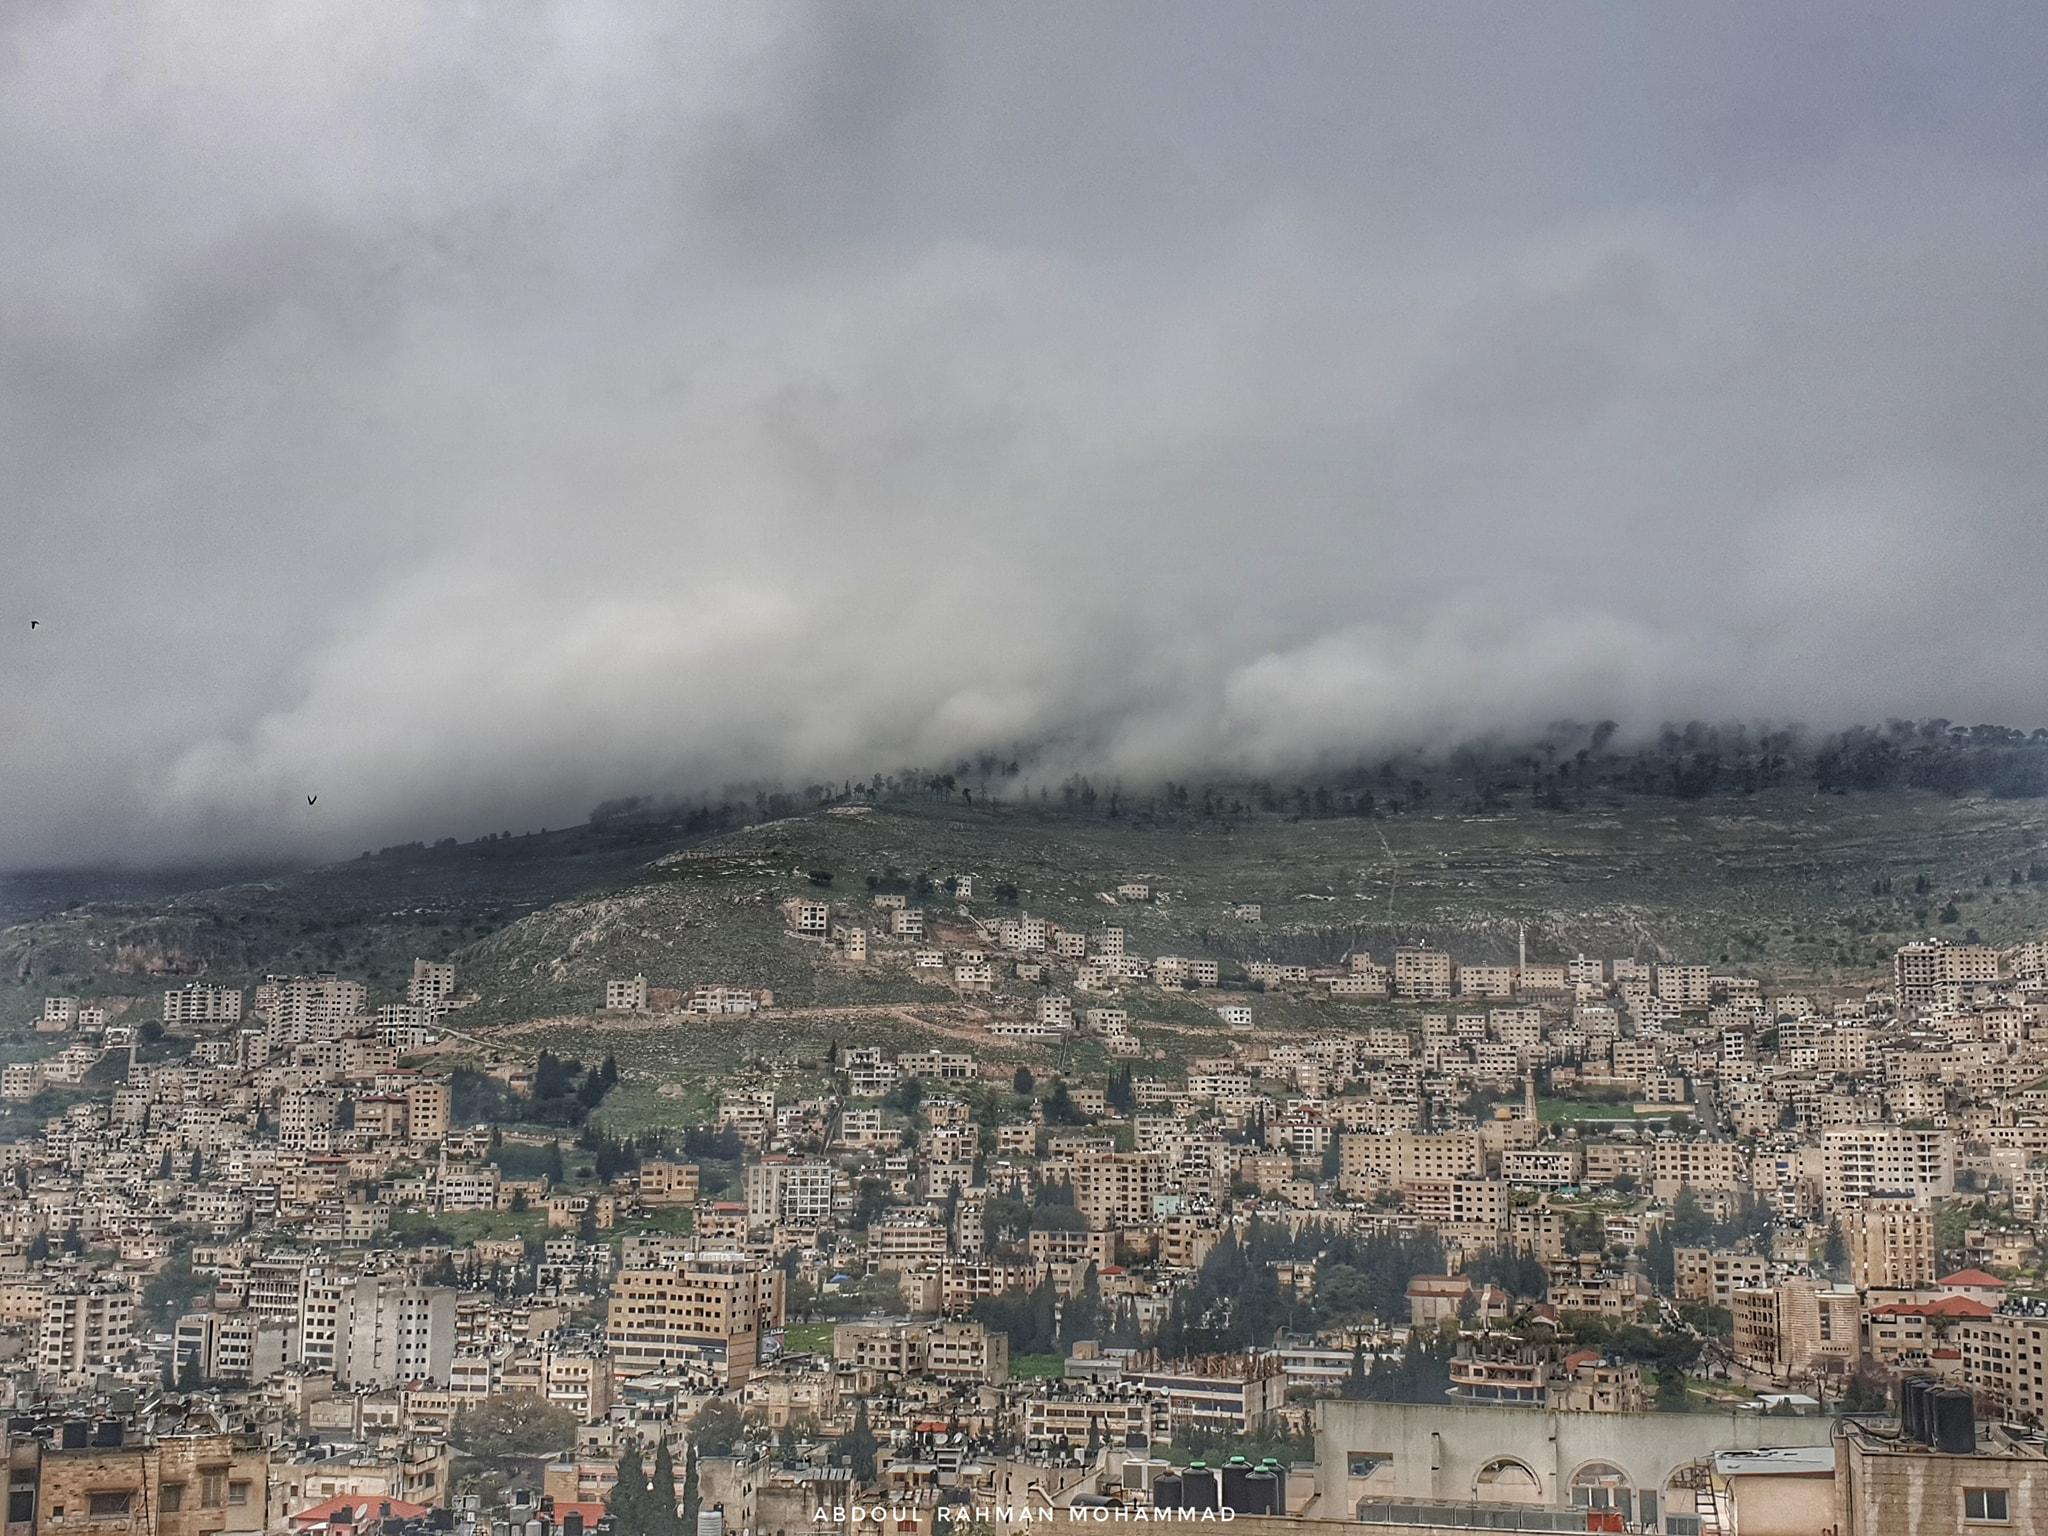 حالة الطقس: منخفض جوي مصحوب بكتلة هوائية شديدة البرودة